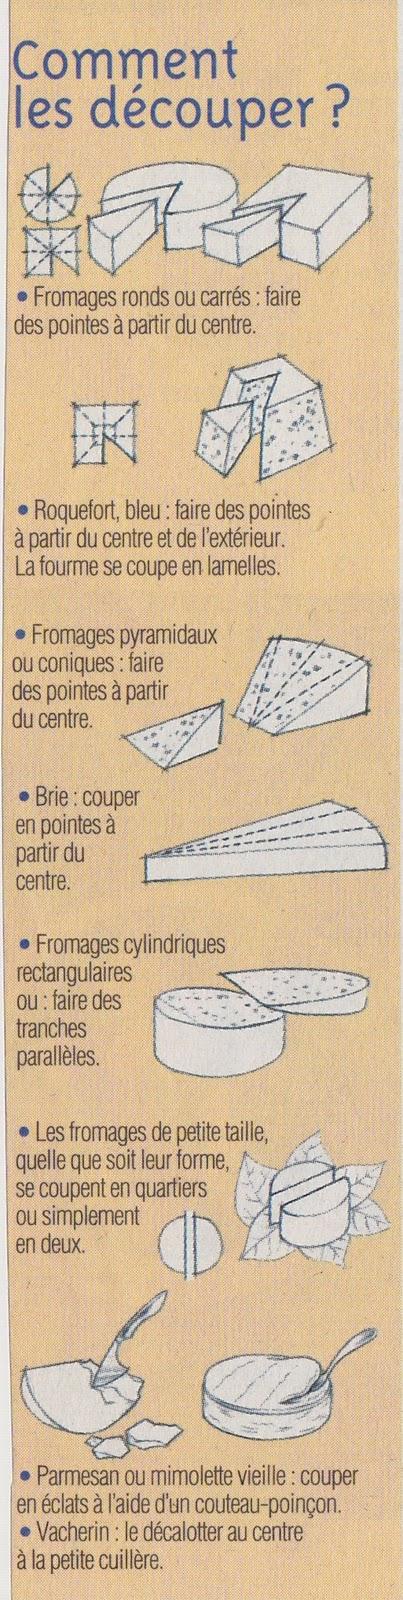 Jak kroimy sery? - ilustracja 1 - Francuski przy kawie